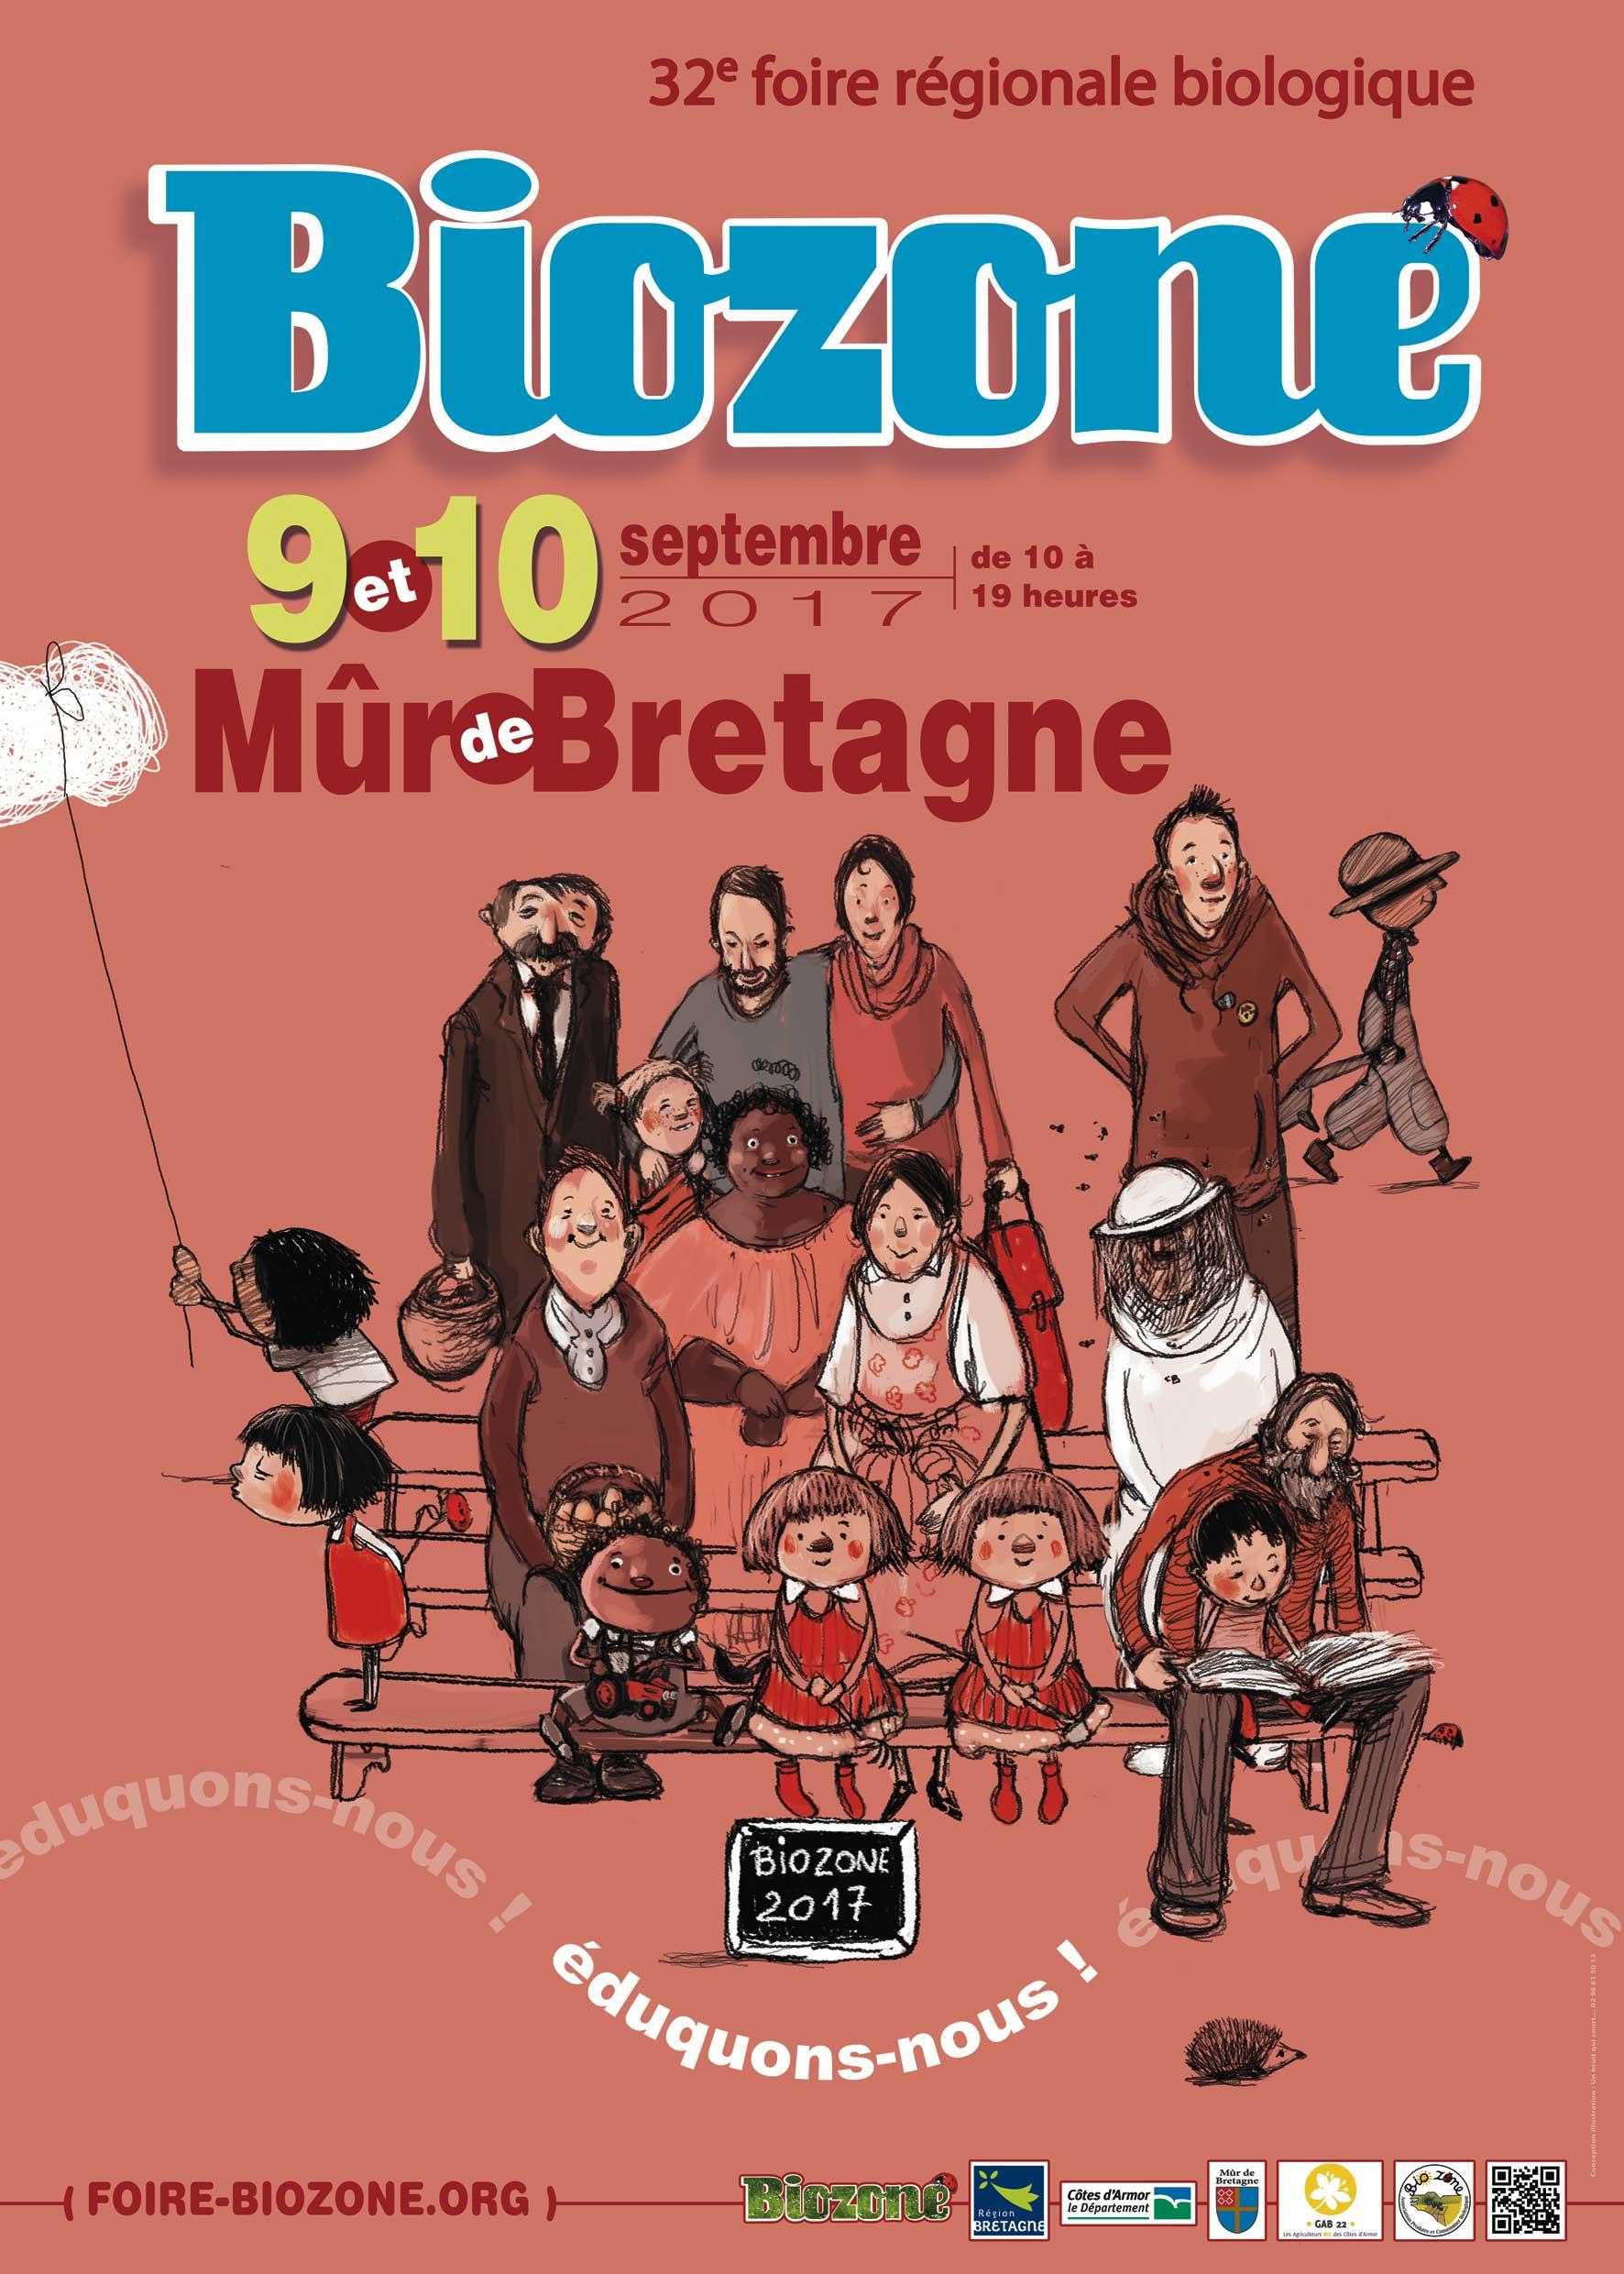 Foire Biozone, 32ème foire biologique à Mûr de Bretagne